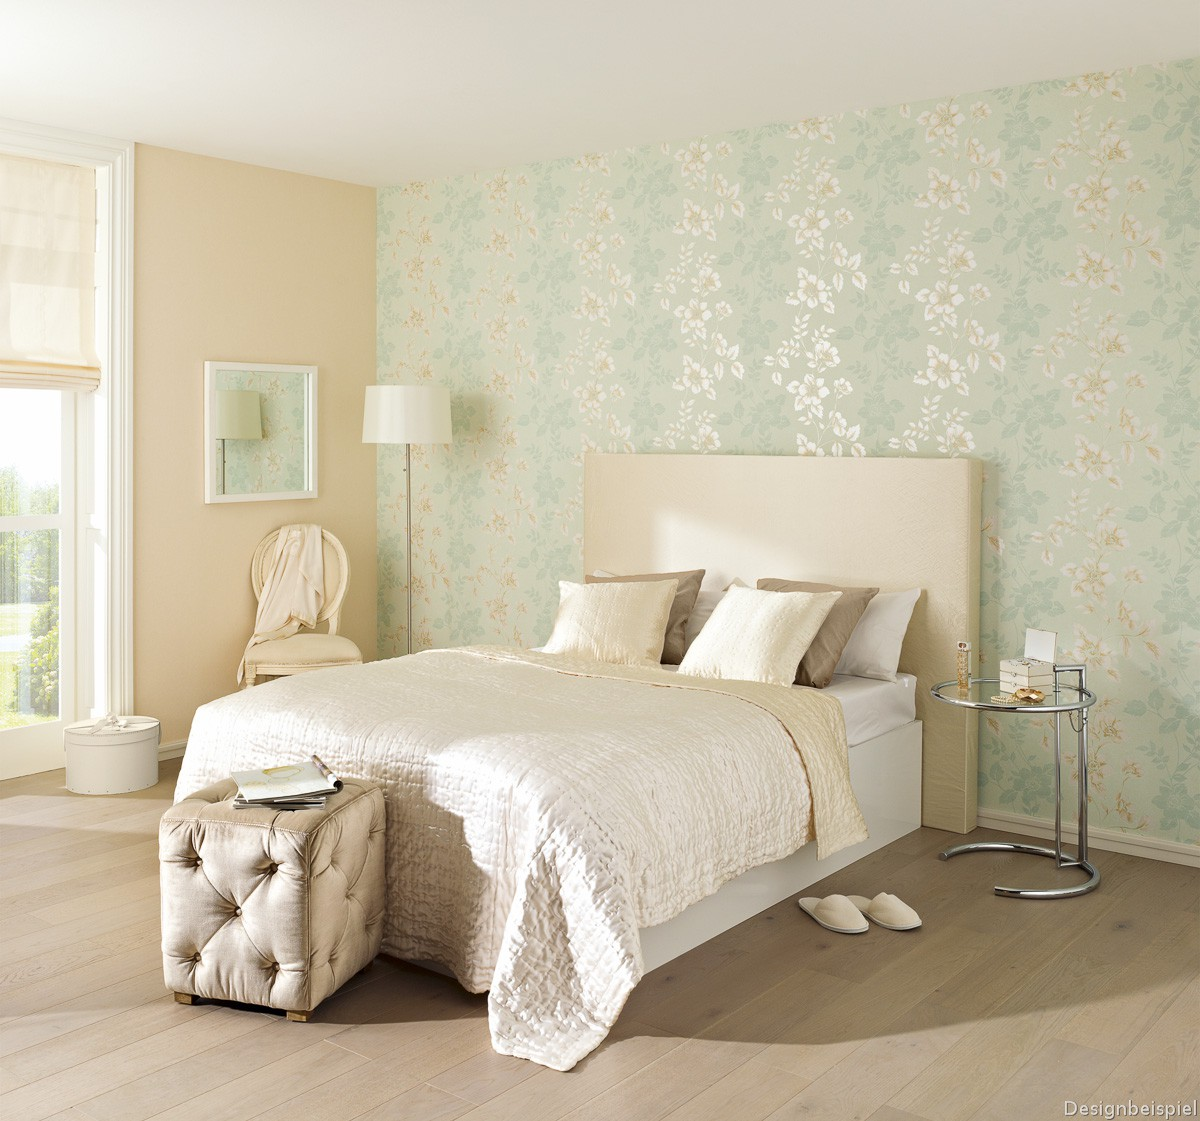 Coole Tapeten Skandinavisch Schlafzimmer Landhaus Tapete Beige Ideen Bilder